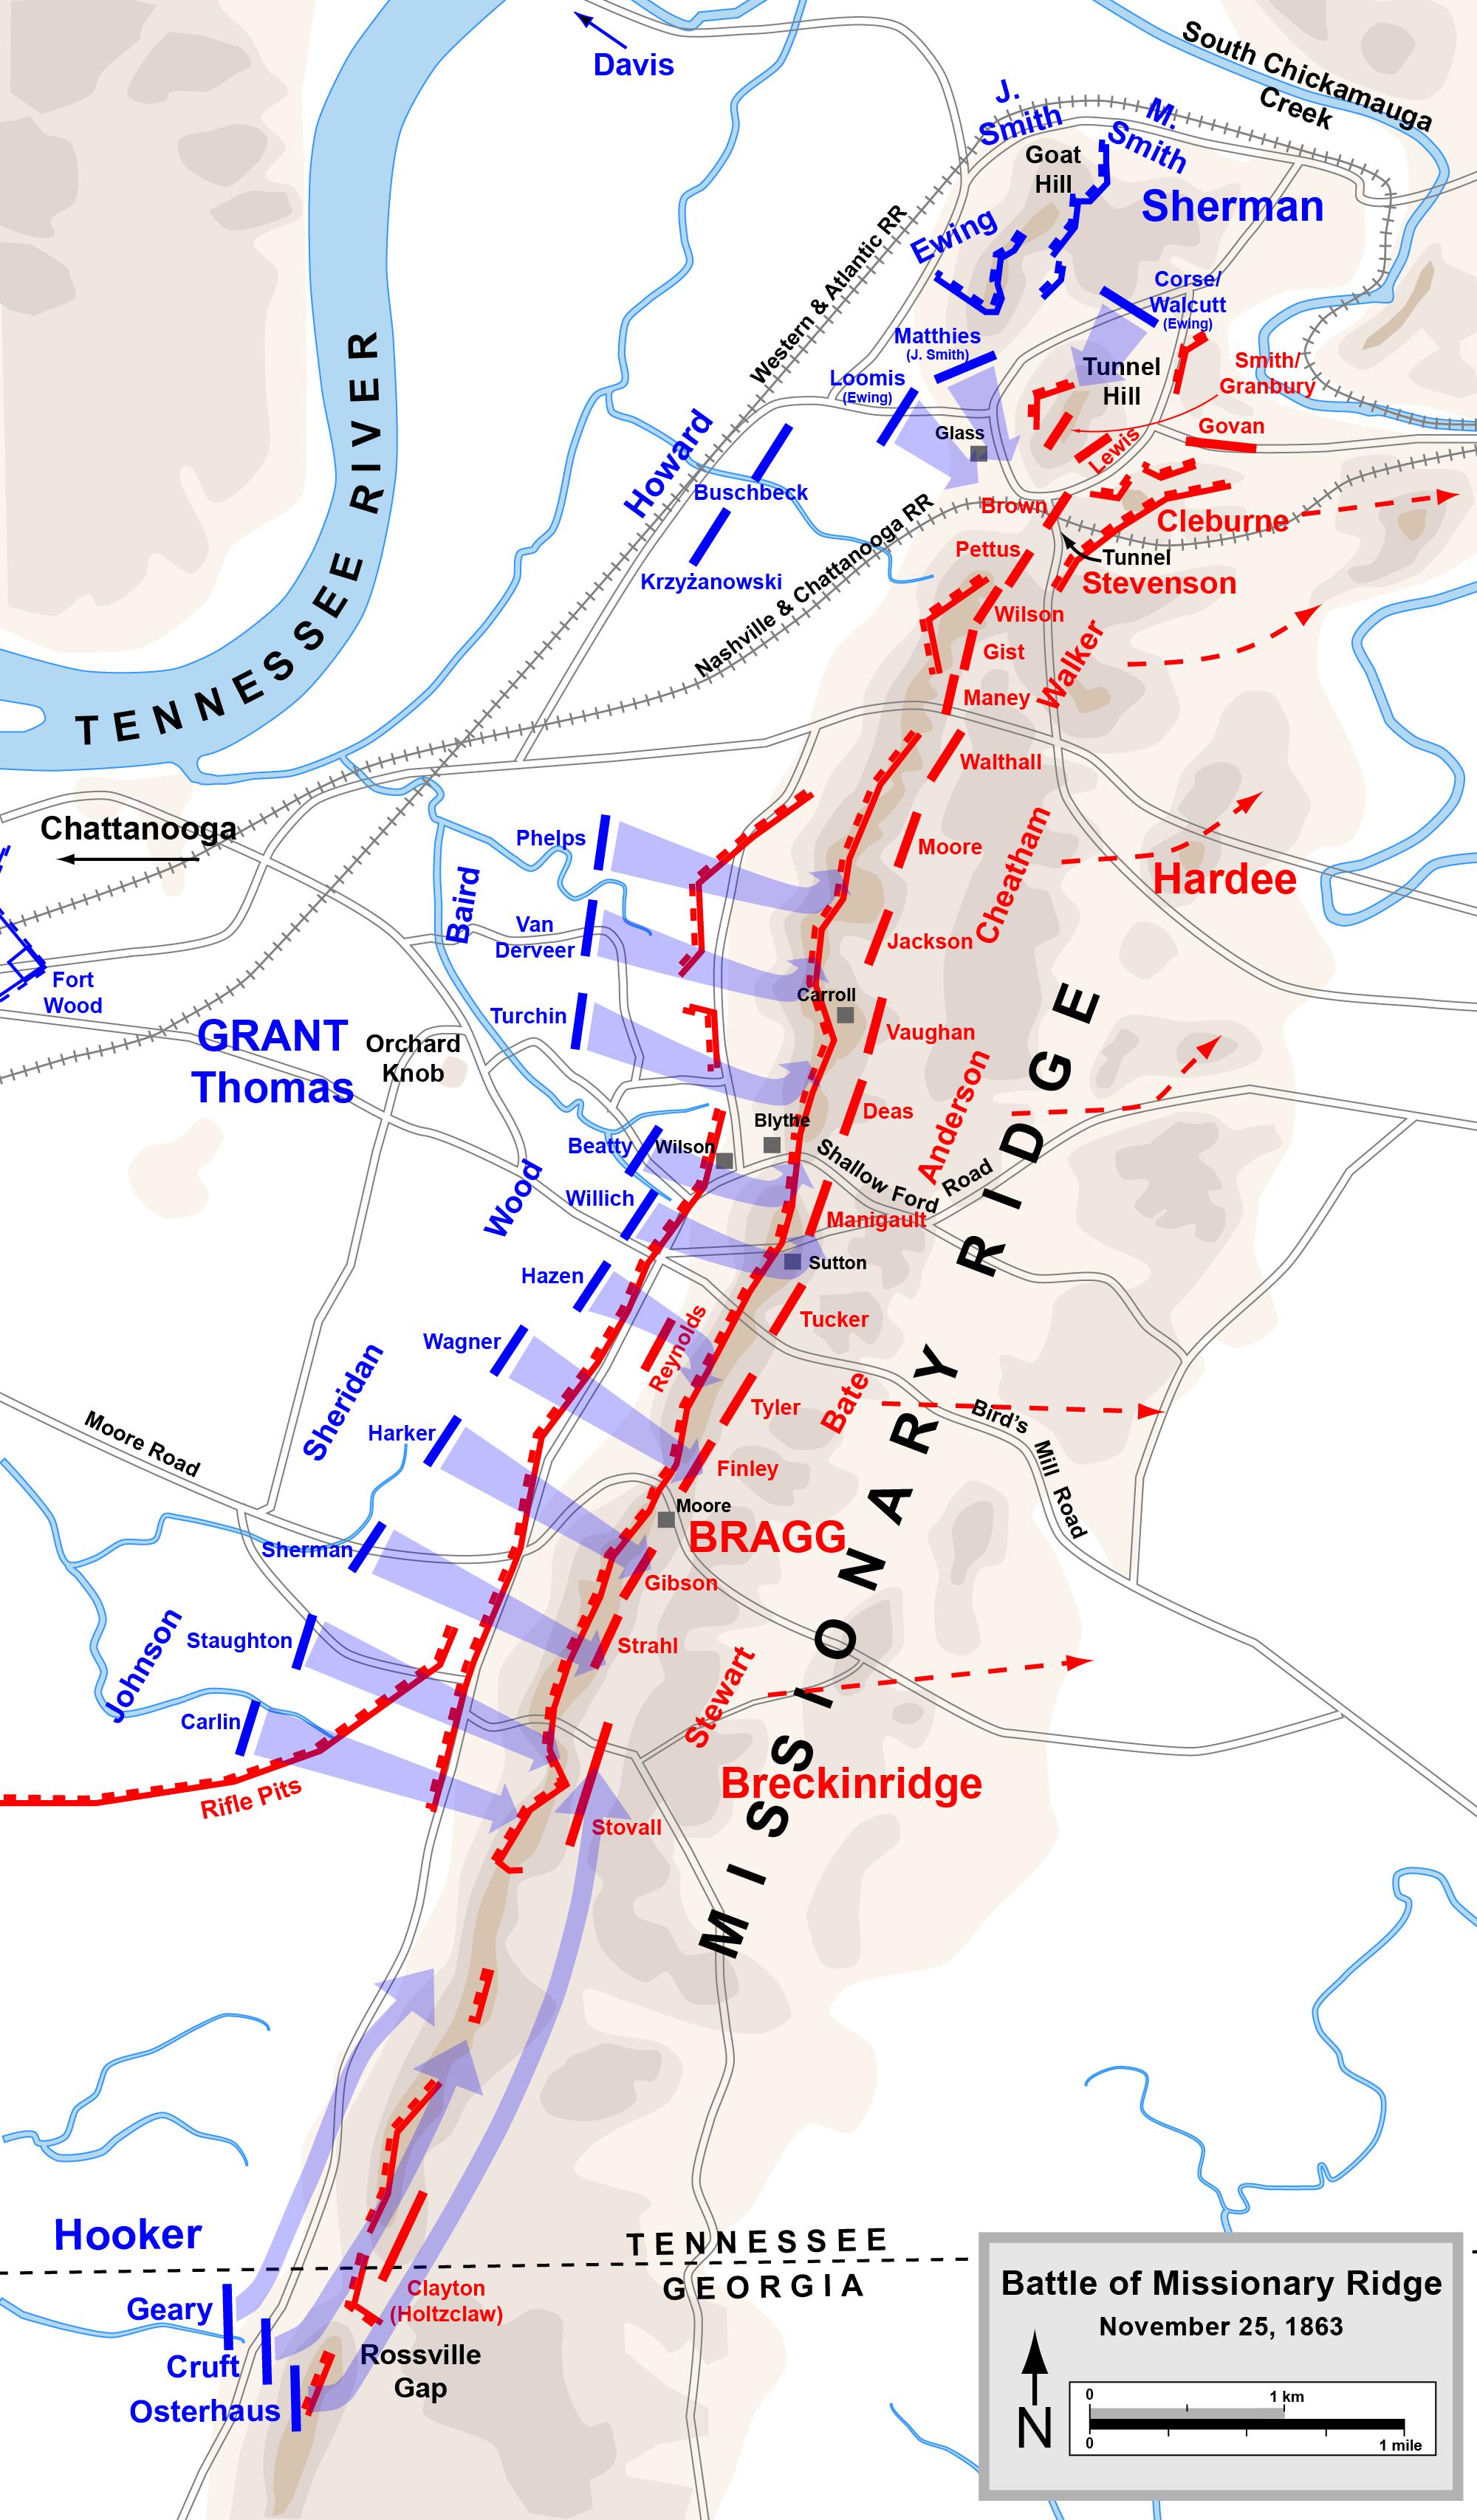 Battle of Missionary Ridge - Wikiwand